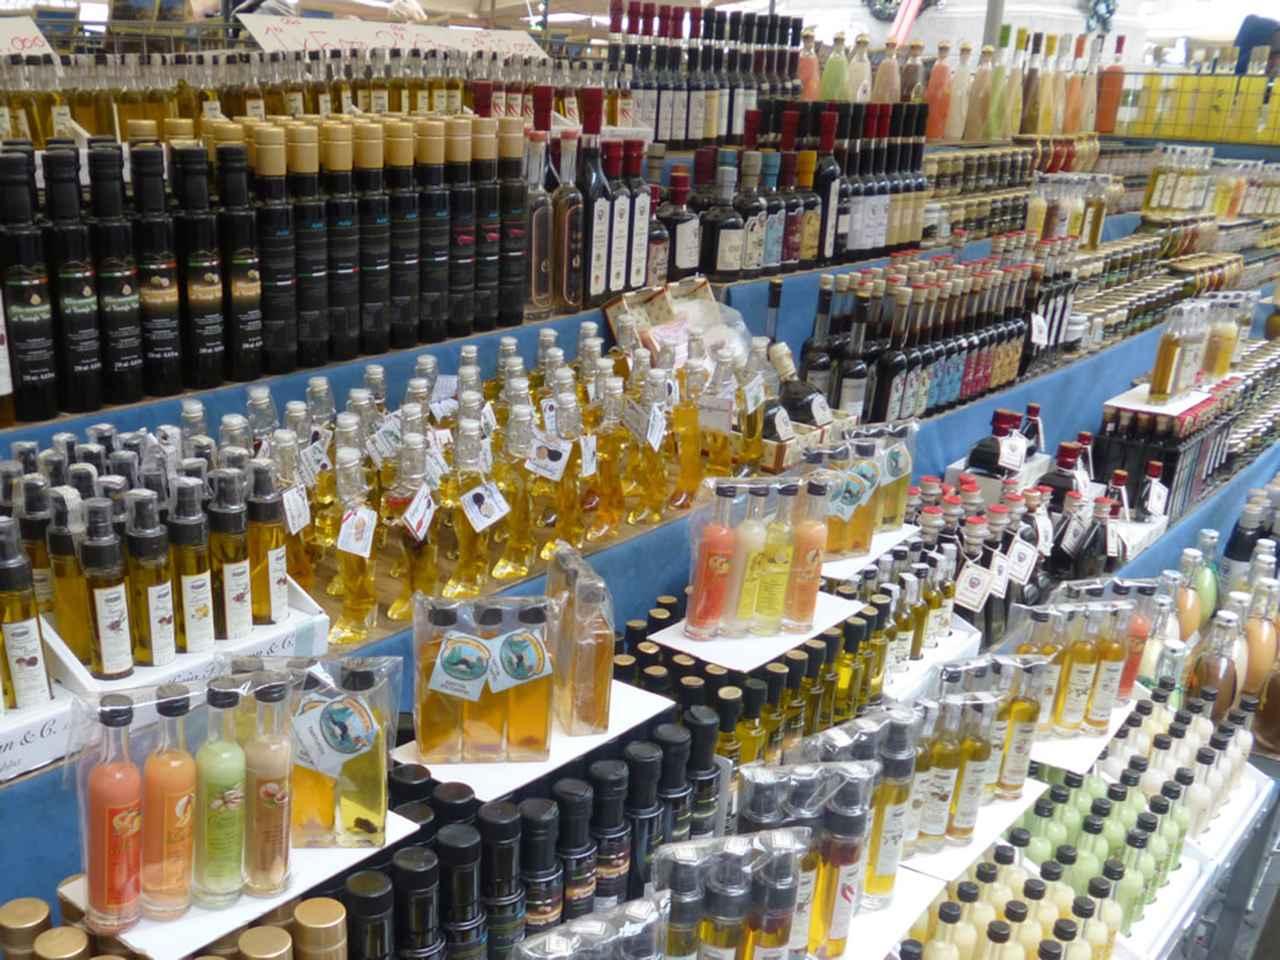 画像: ずらりと並んだオリーブオイル。お土産にピッタリなものが、手ごろな値段で見つかるのも市場ならではのお楽しみ